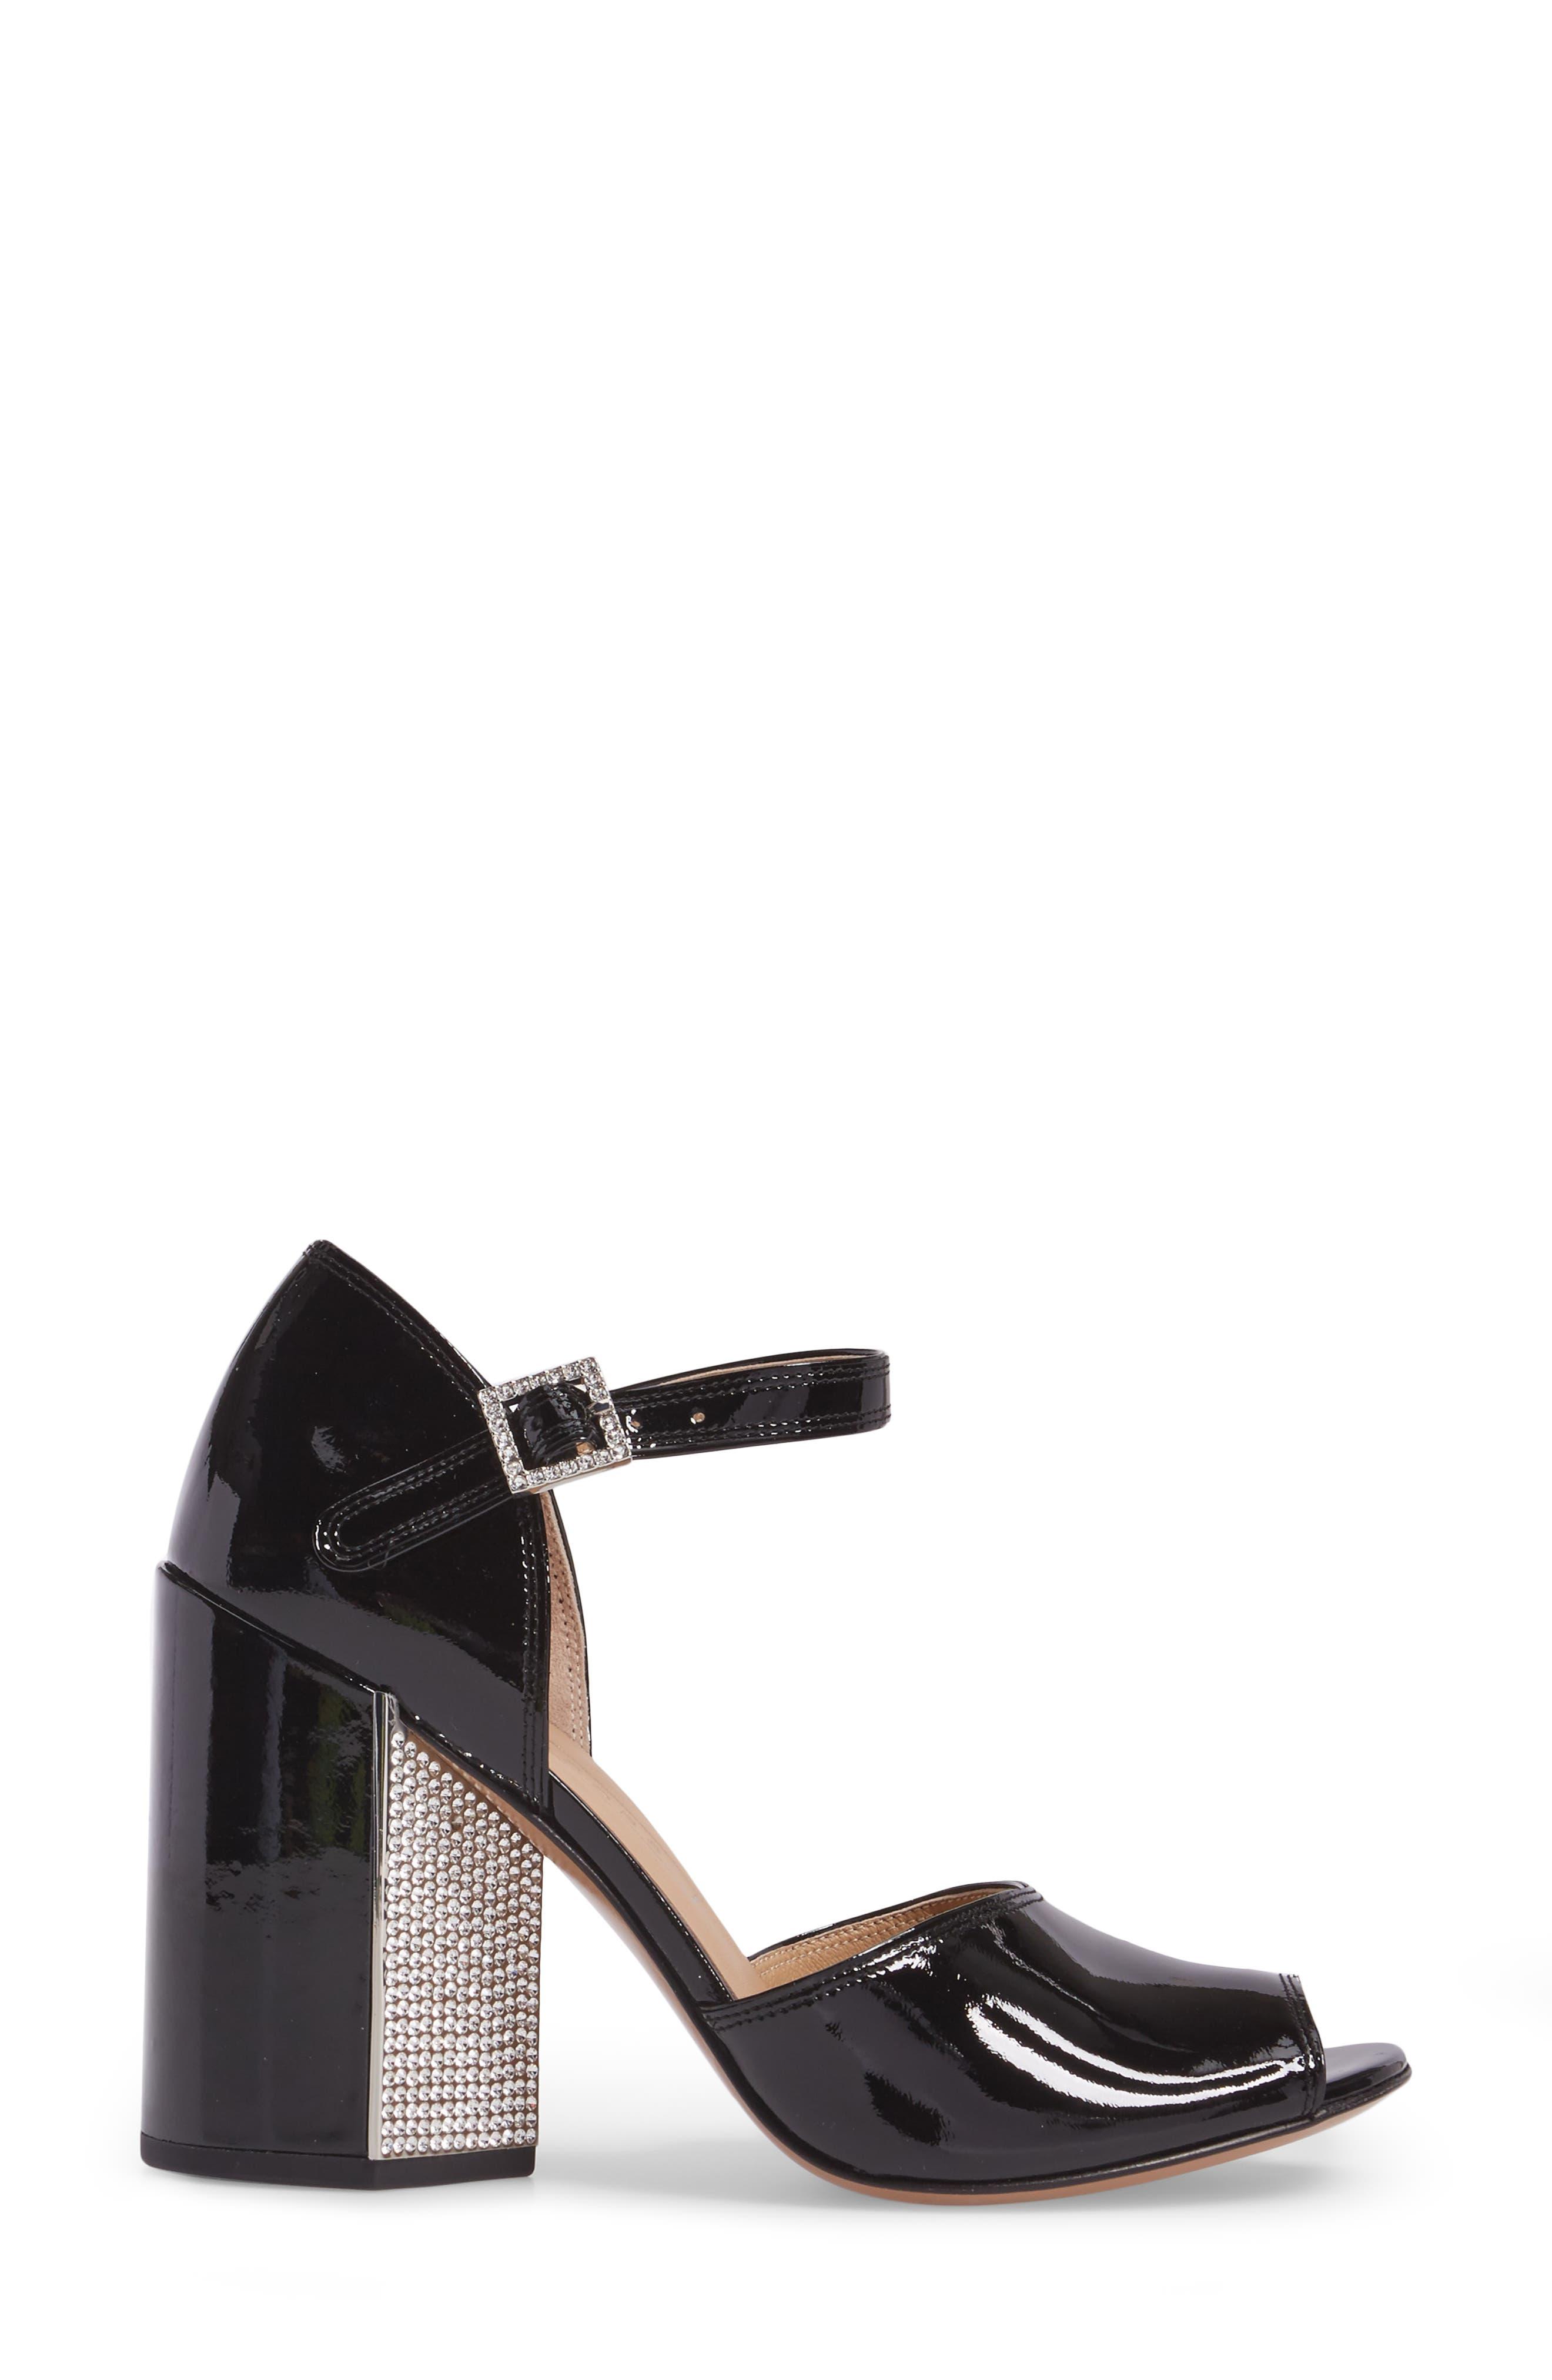 Kasia Embellished Ankle Strap Sandal,                             Alternate thumbnail 3, color,                             Black